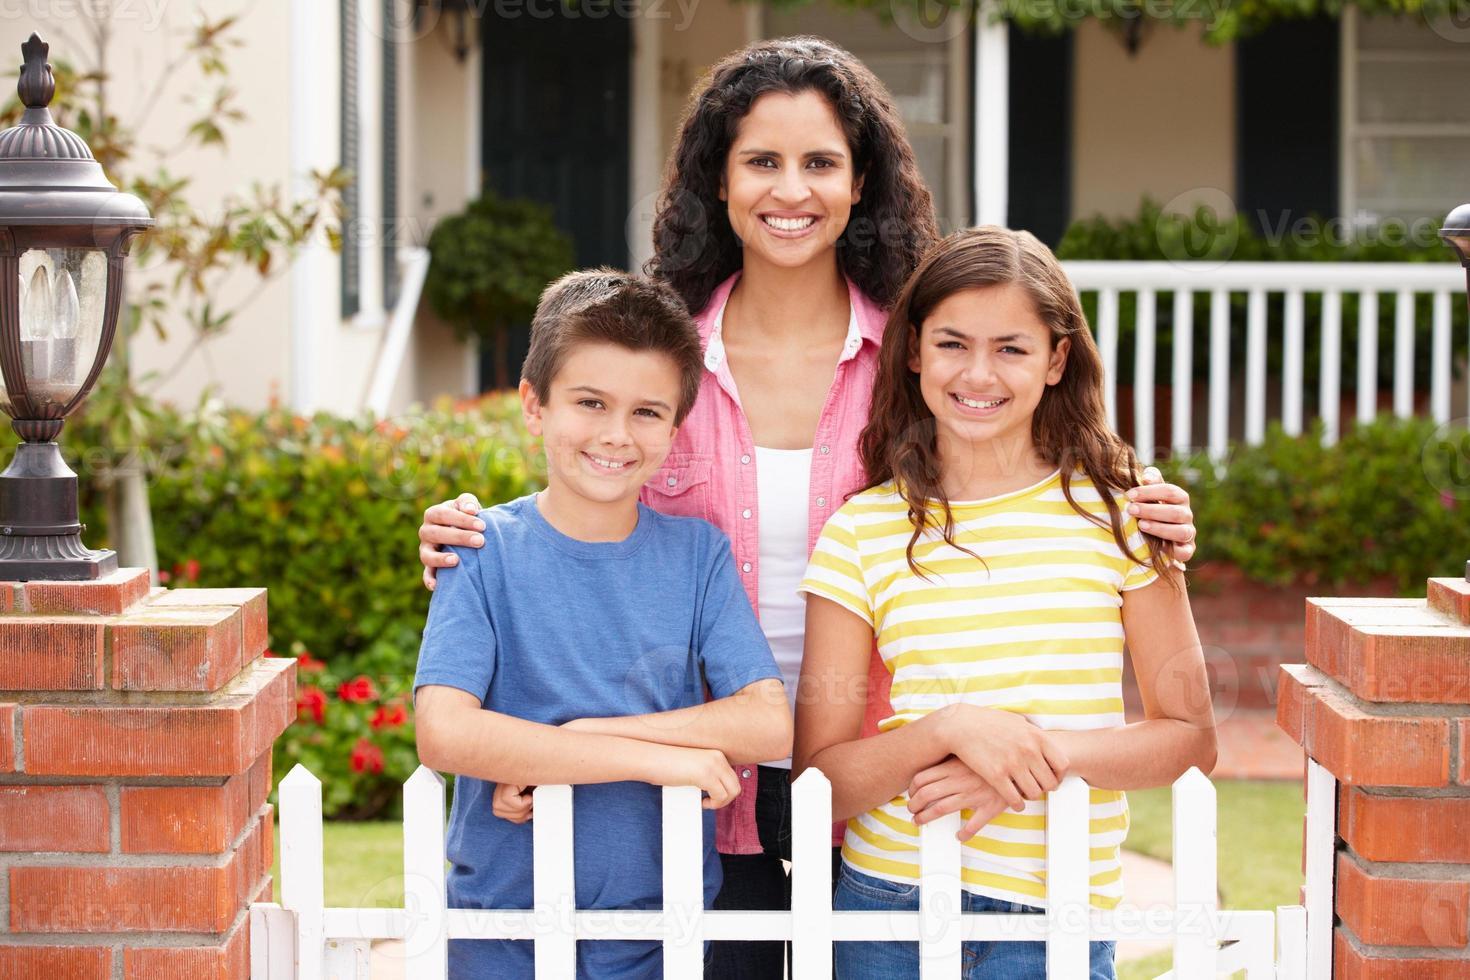 madre e hijos fuera de casa foto